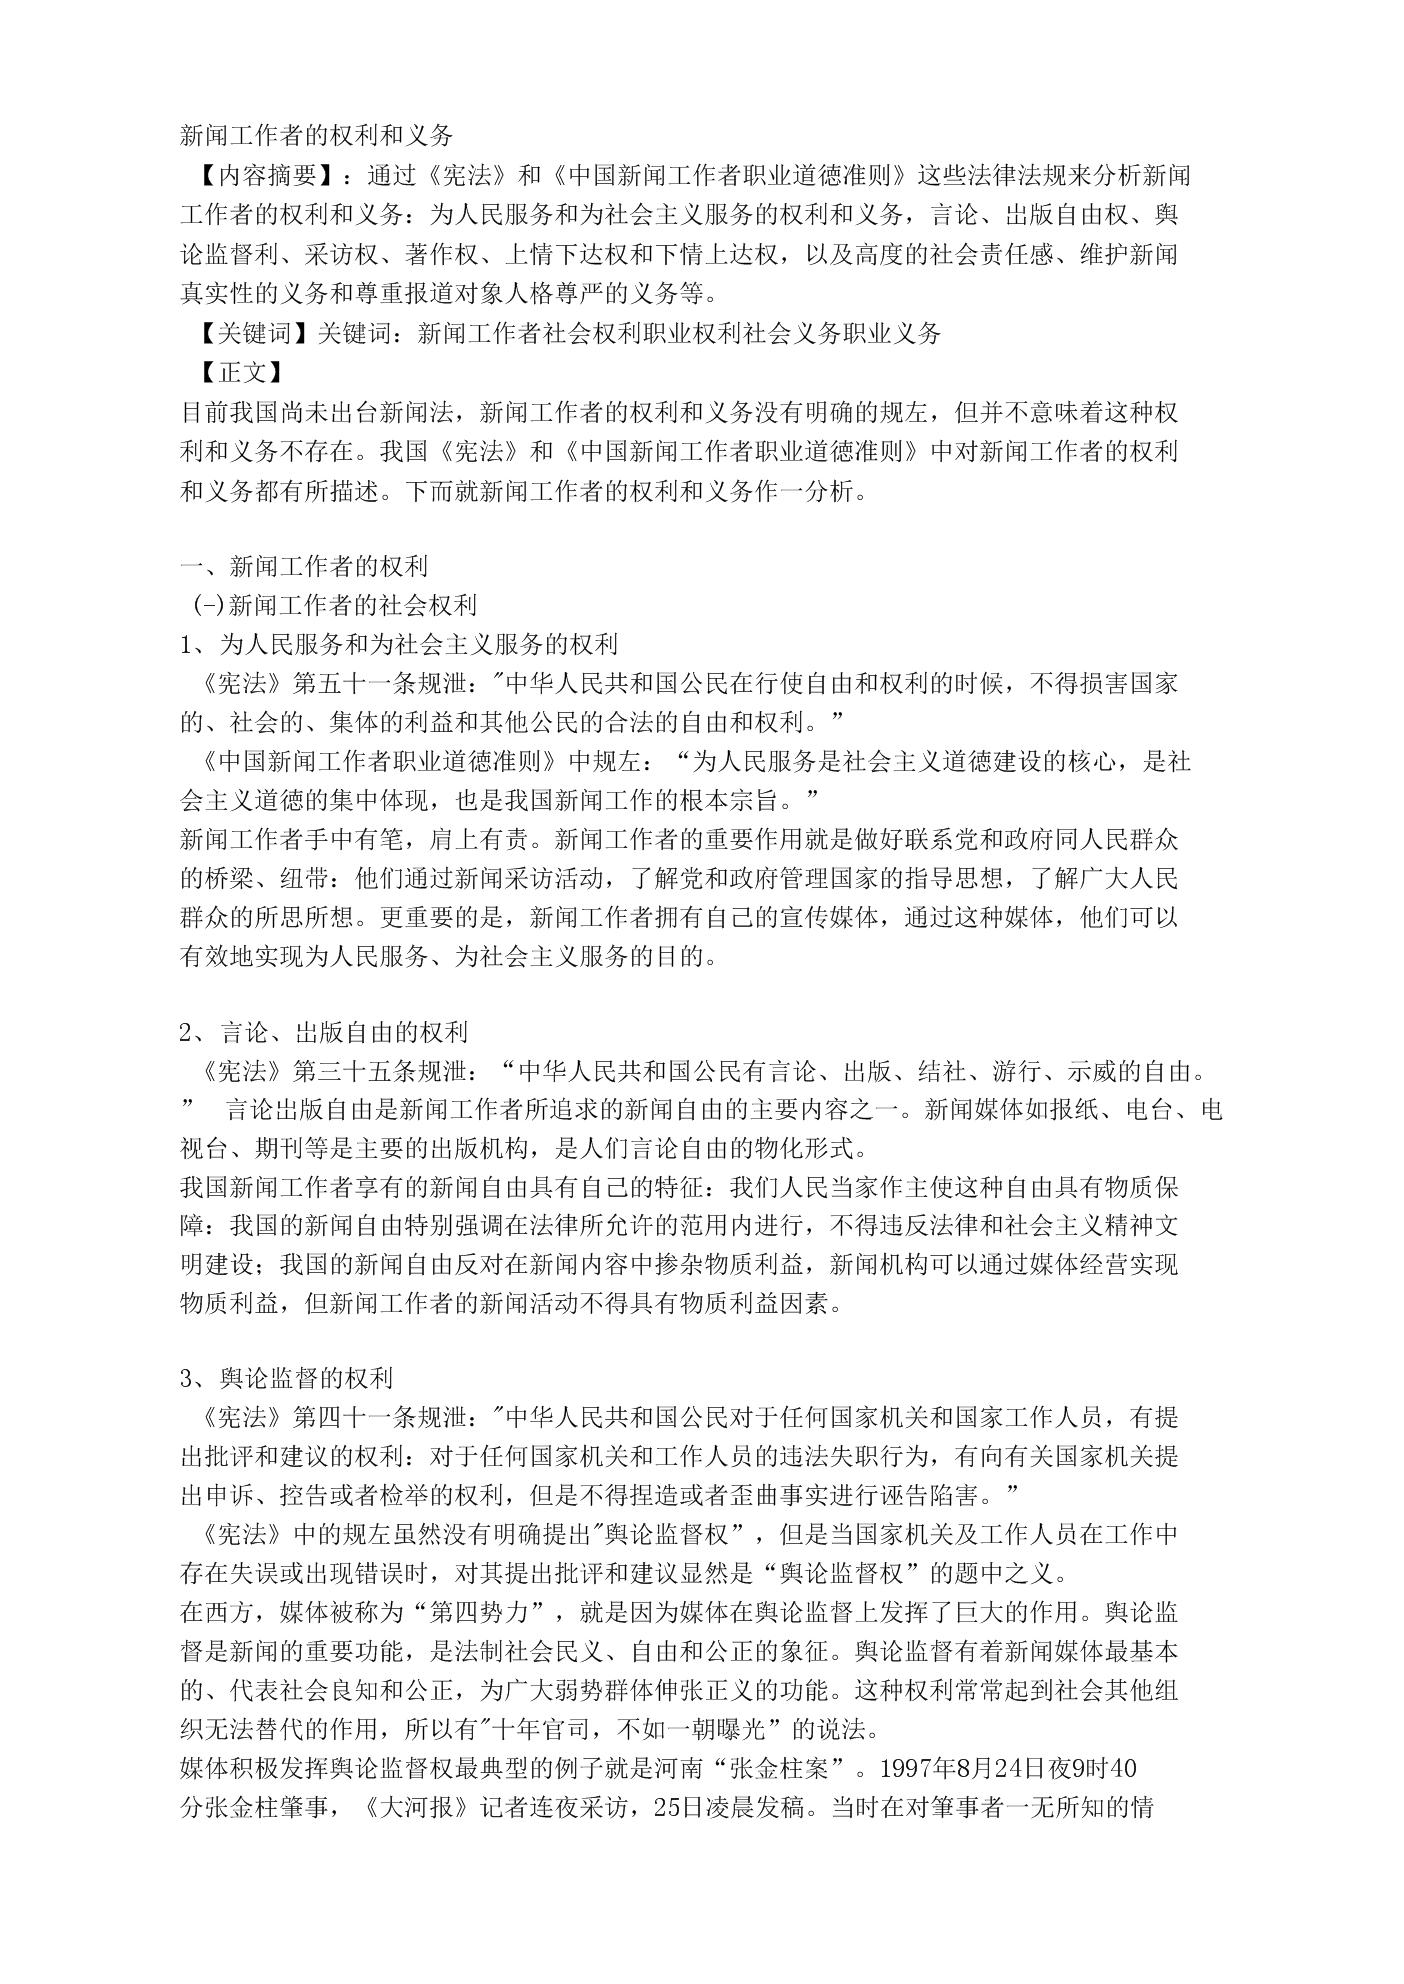 新闻工作者的权利和义务(同名14913).docx